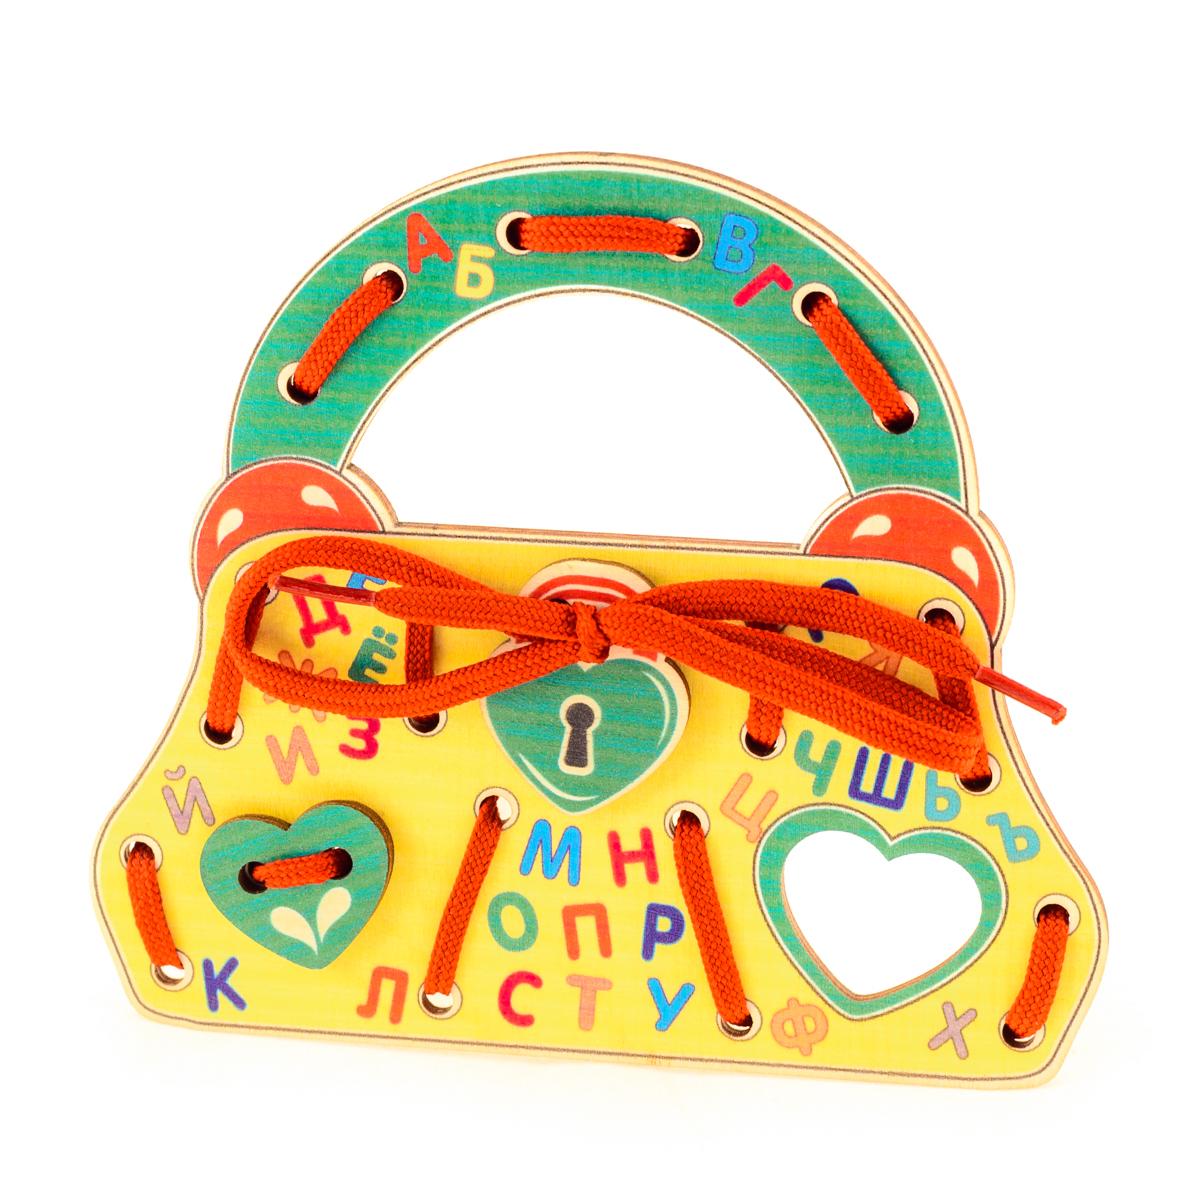 Развивающие деревянные игрушки Шнуровка Сумочка АлфавитД494аШнуровка из качественных деревоматериалов - прекрасная игрушка для развития ребенка. Шнуровка-сумочка из обработатнной фанеры непременно станет любимой игрушкой маленькой красавицы. Шнуровка СУМОЧКА АЛФАВИТ не только послужит незаменимым пособием для развития моторики ребенка, но и познакомит его с азбукой и поможет быстрее выучить буквы русского алфавита. Насыщенные цвета и разнообразные формы будут стимулировать детское воображение и фантазию, развивать внимание, цветовое восприятие, моторику и координацию. ВНИМАНИЕ! Детали игрушки выполнены из натурального дерева (деревоматериала) без покрытия лаками или другими химическими составами. Перед использованием удалите остатки древесины и древесную пыль, тщательно протерев детали игрушки мягкой тканью!